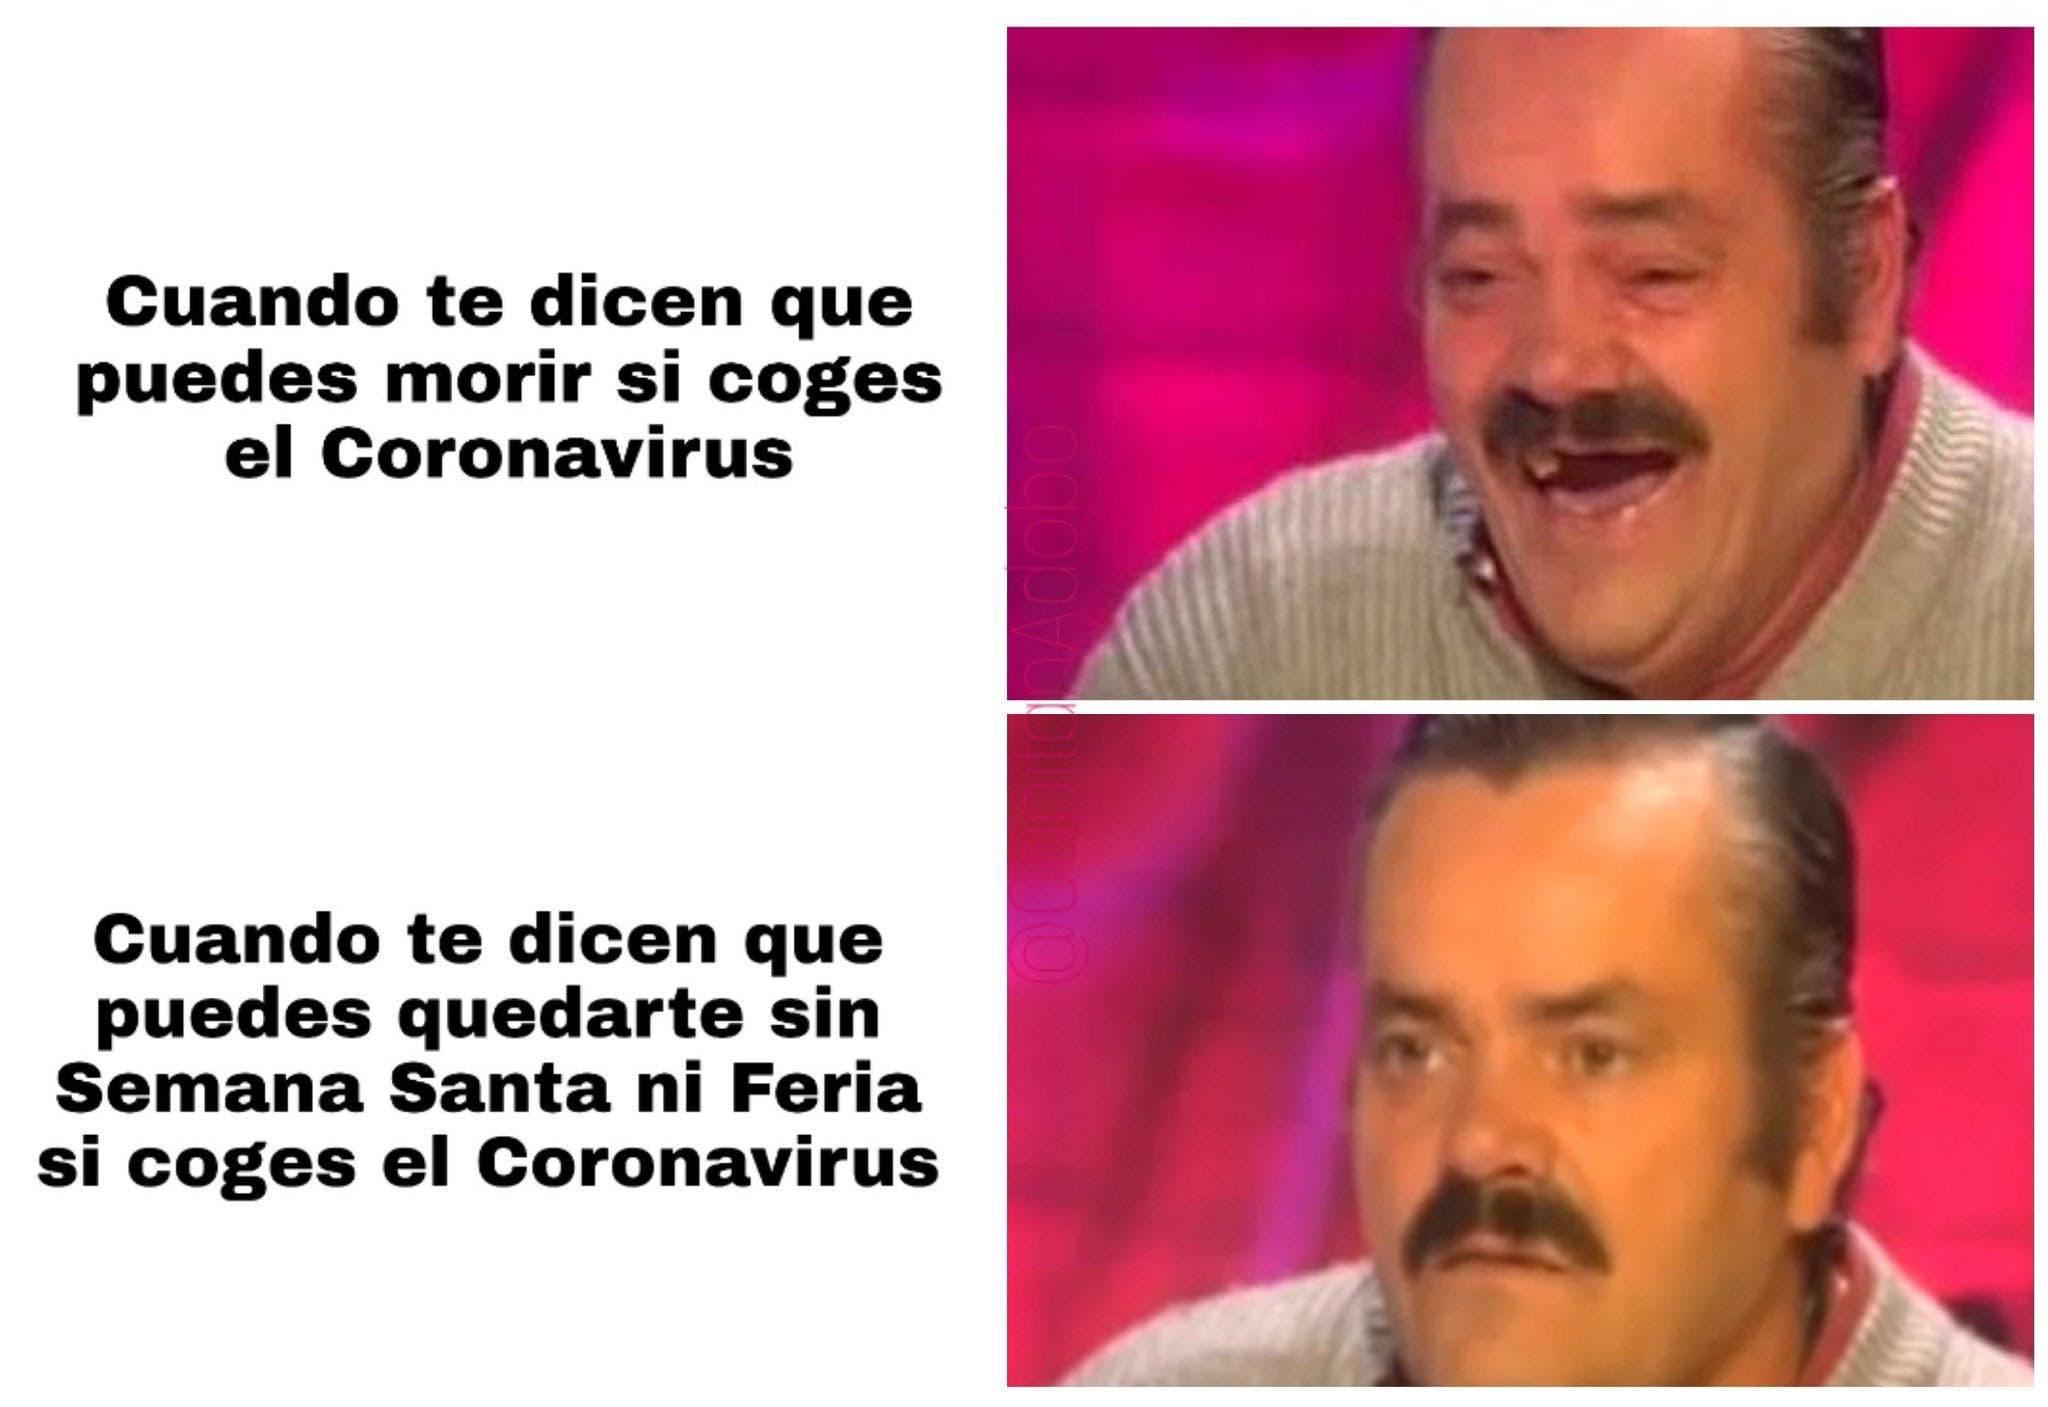 Corona Meme 9